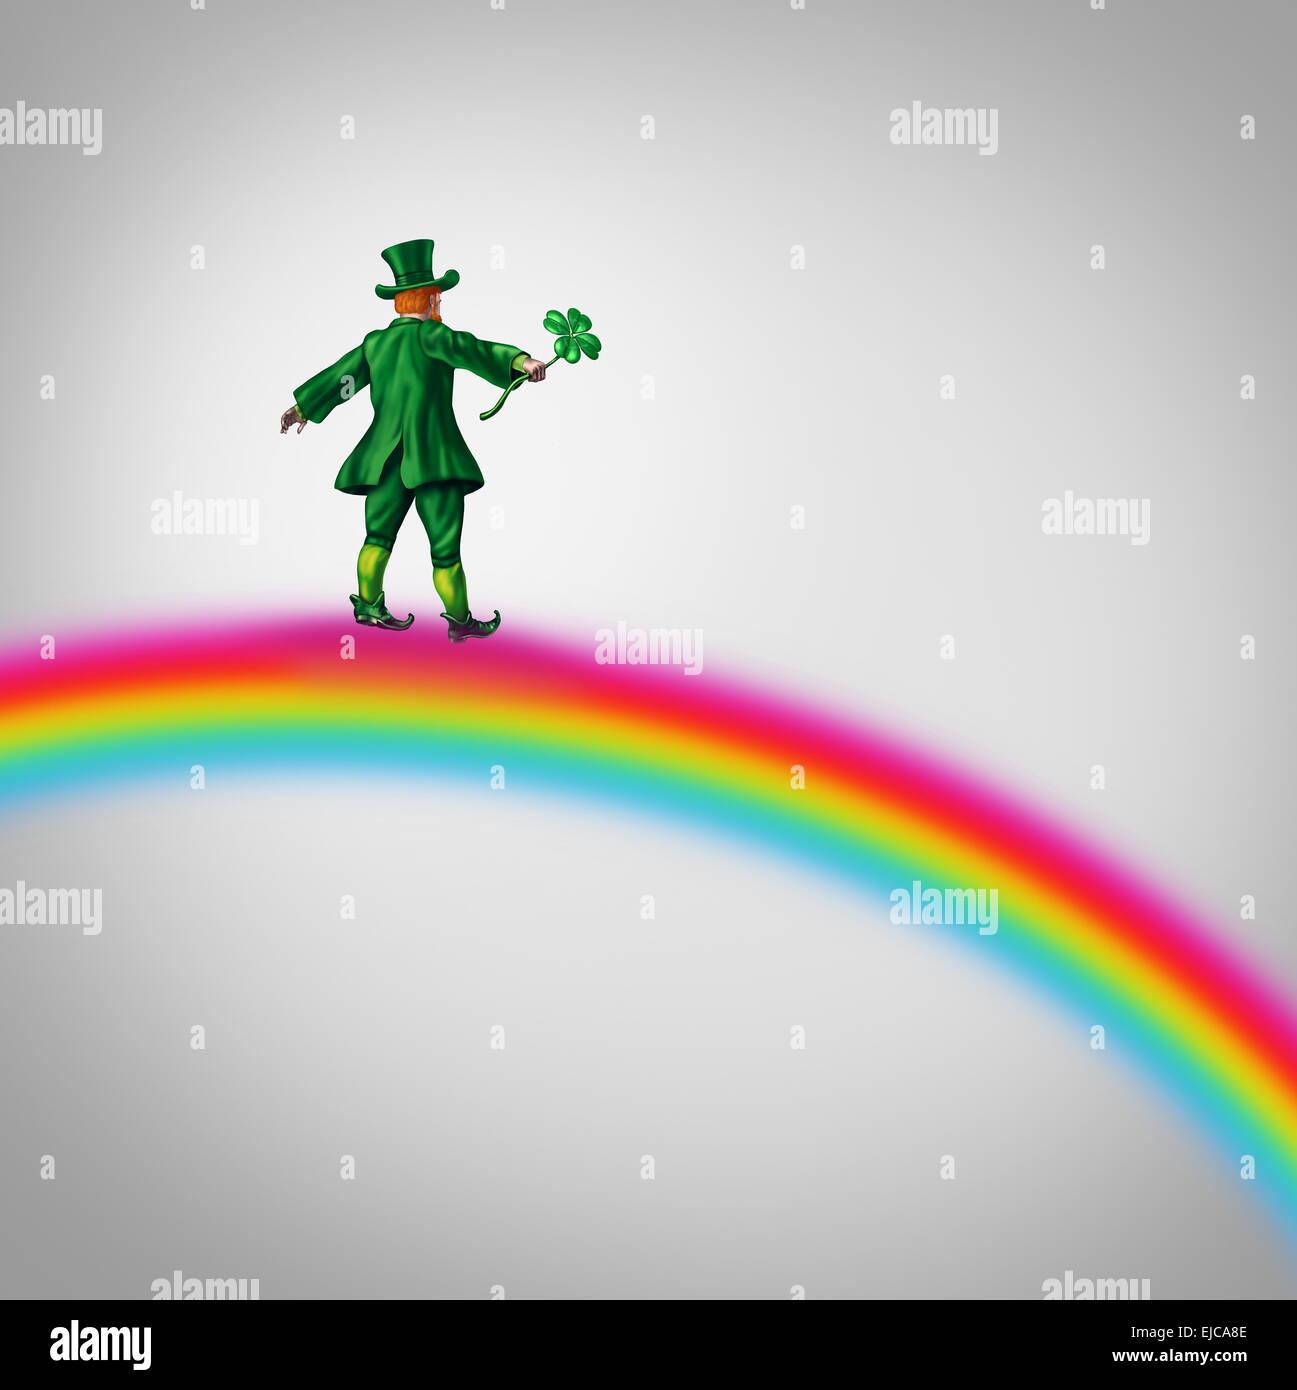 Leprechaun Fortune comme un petit arc-en-ciel dans un caractère traditionnel vert saint patricks day costume Photo Stock